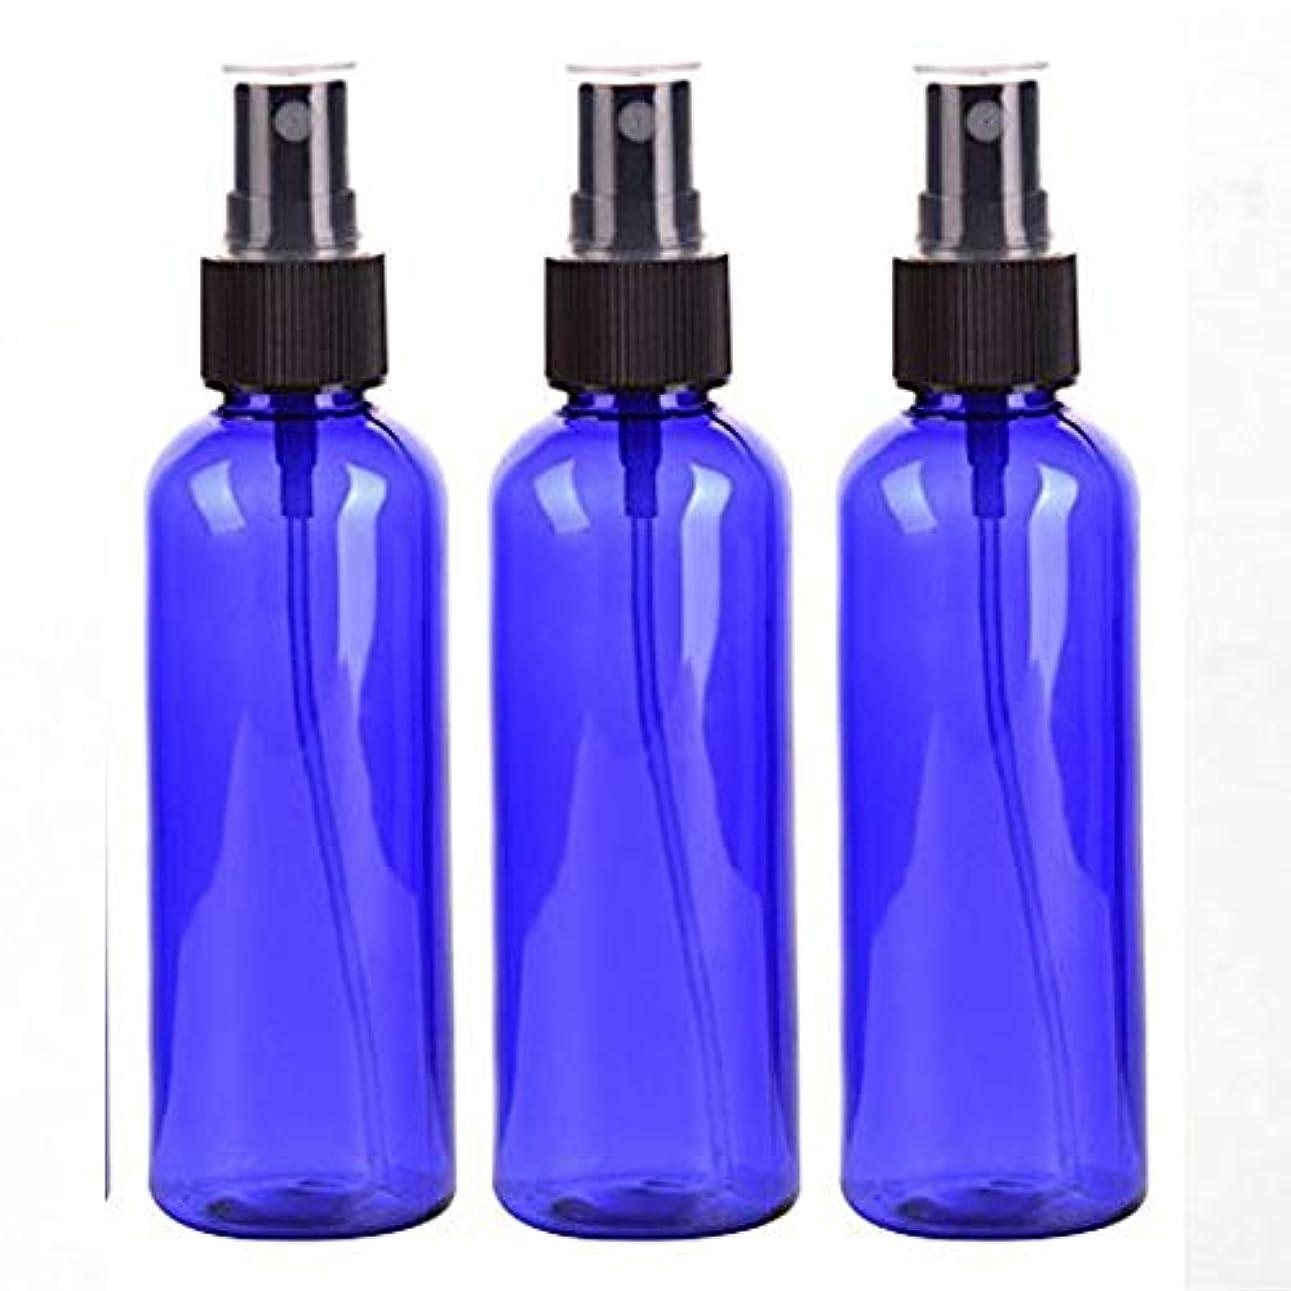 プレゼンテーションチューインガム倍増スプレーボトル 50mL ブルー黒ヘッド プラスチック空容器 3本セット